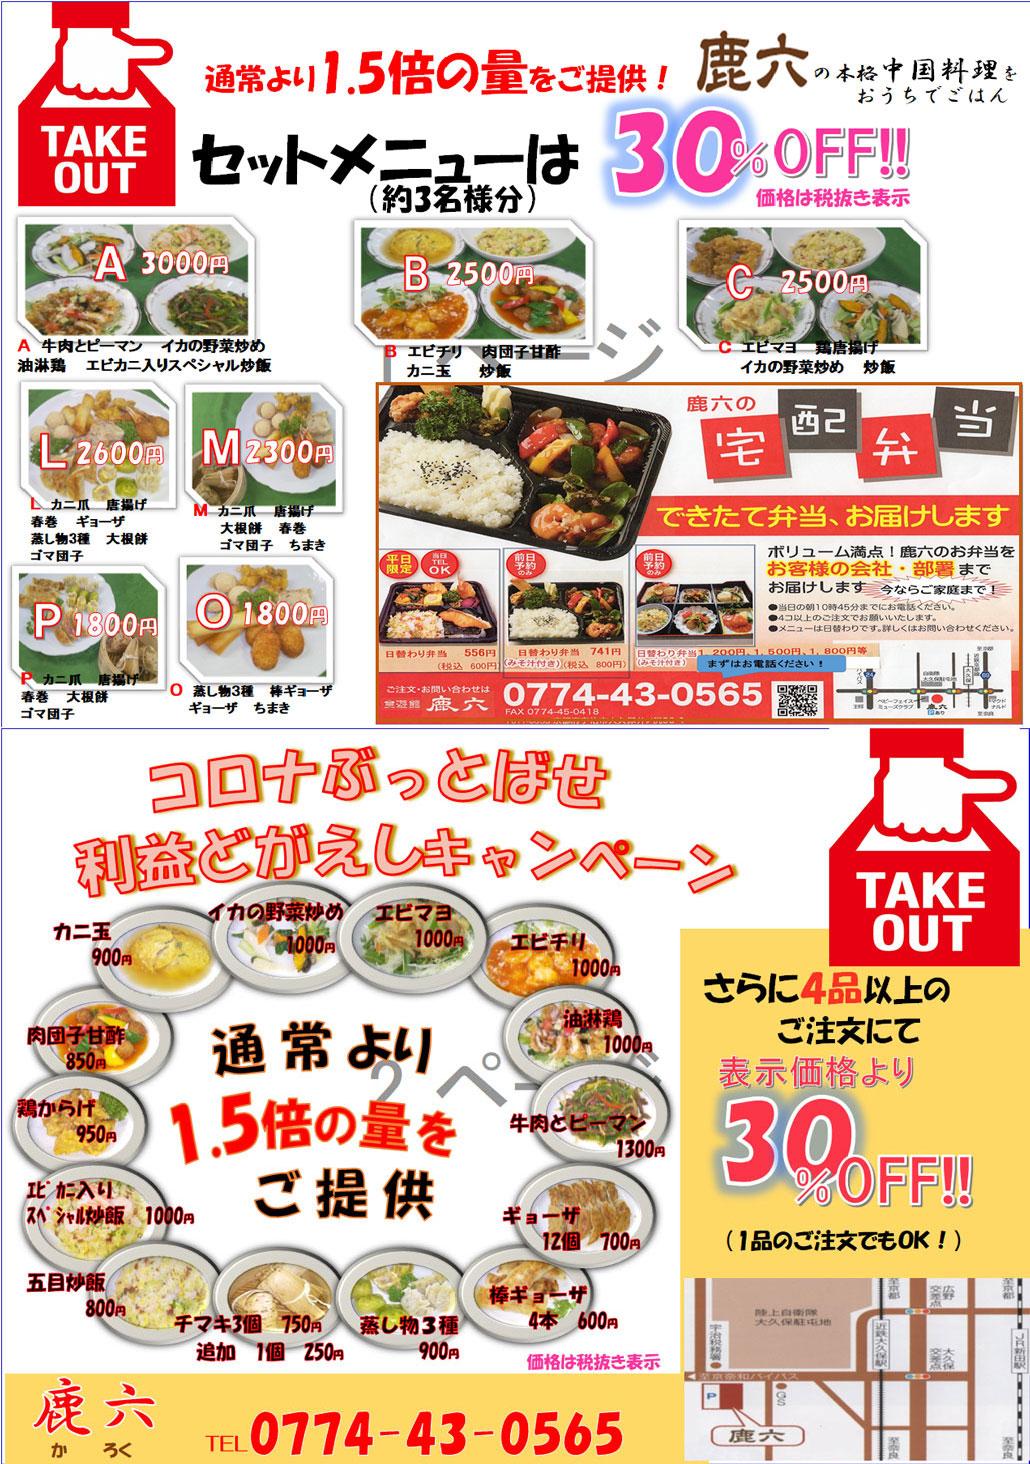 食遊館鹿六内鹿六夢のメニュー画像